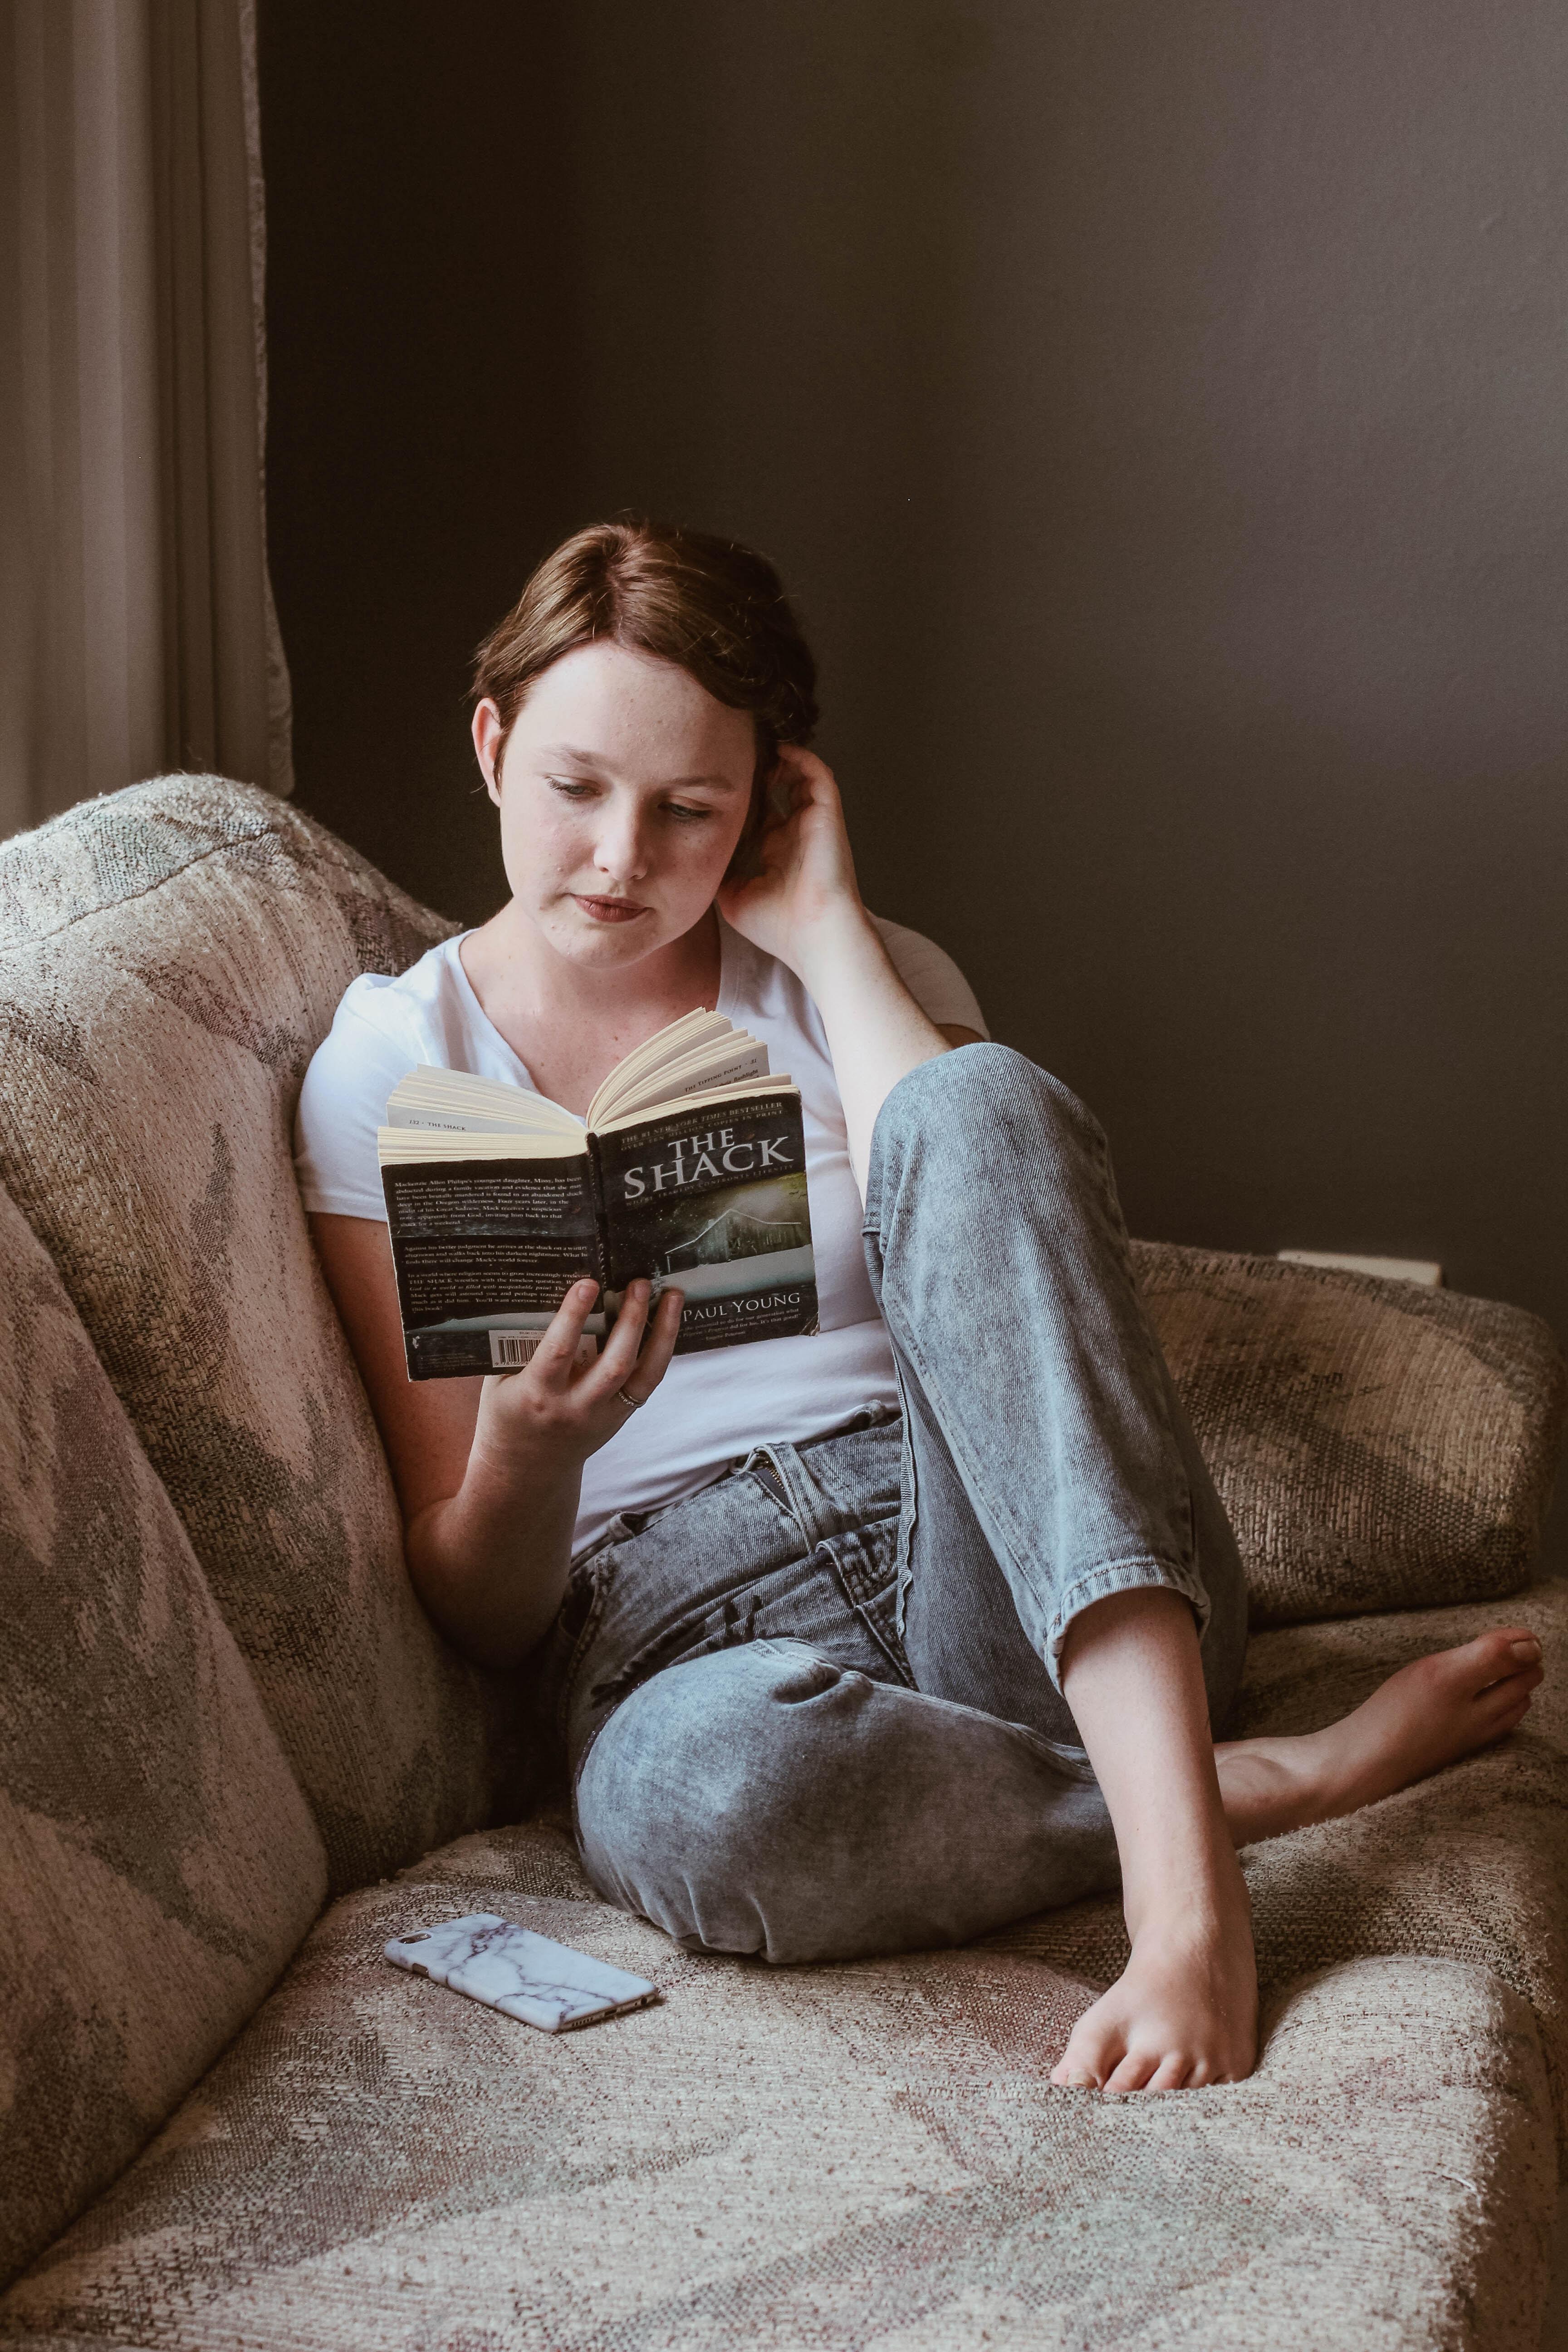 چطور کتاب بخوانیم؟